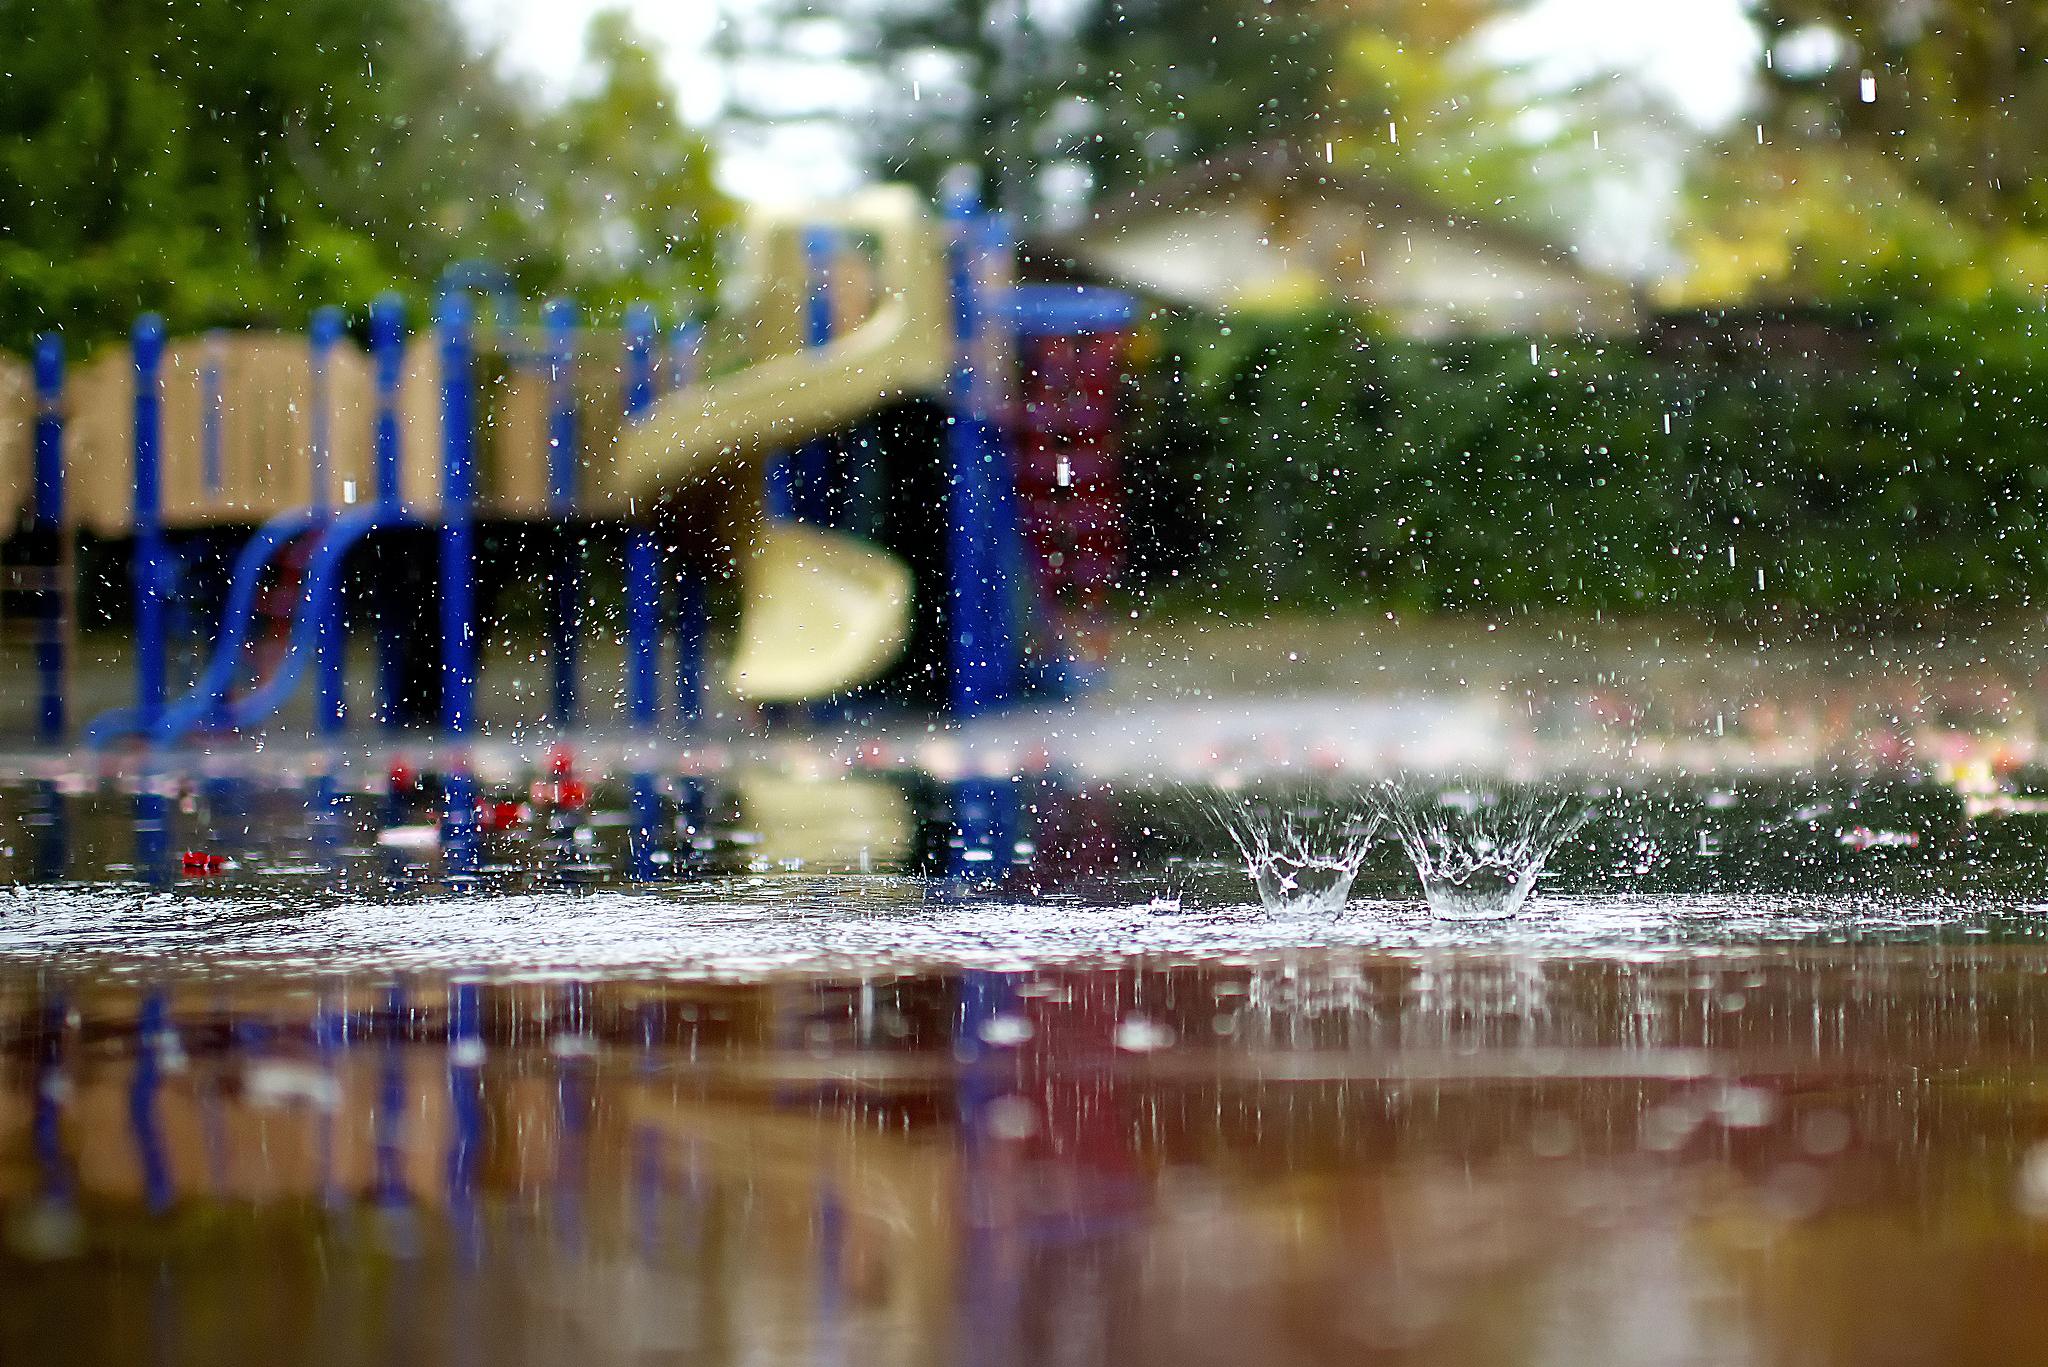 намазыванием картинки идет дождь на рабочий стол рисуете схематическую